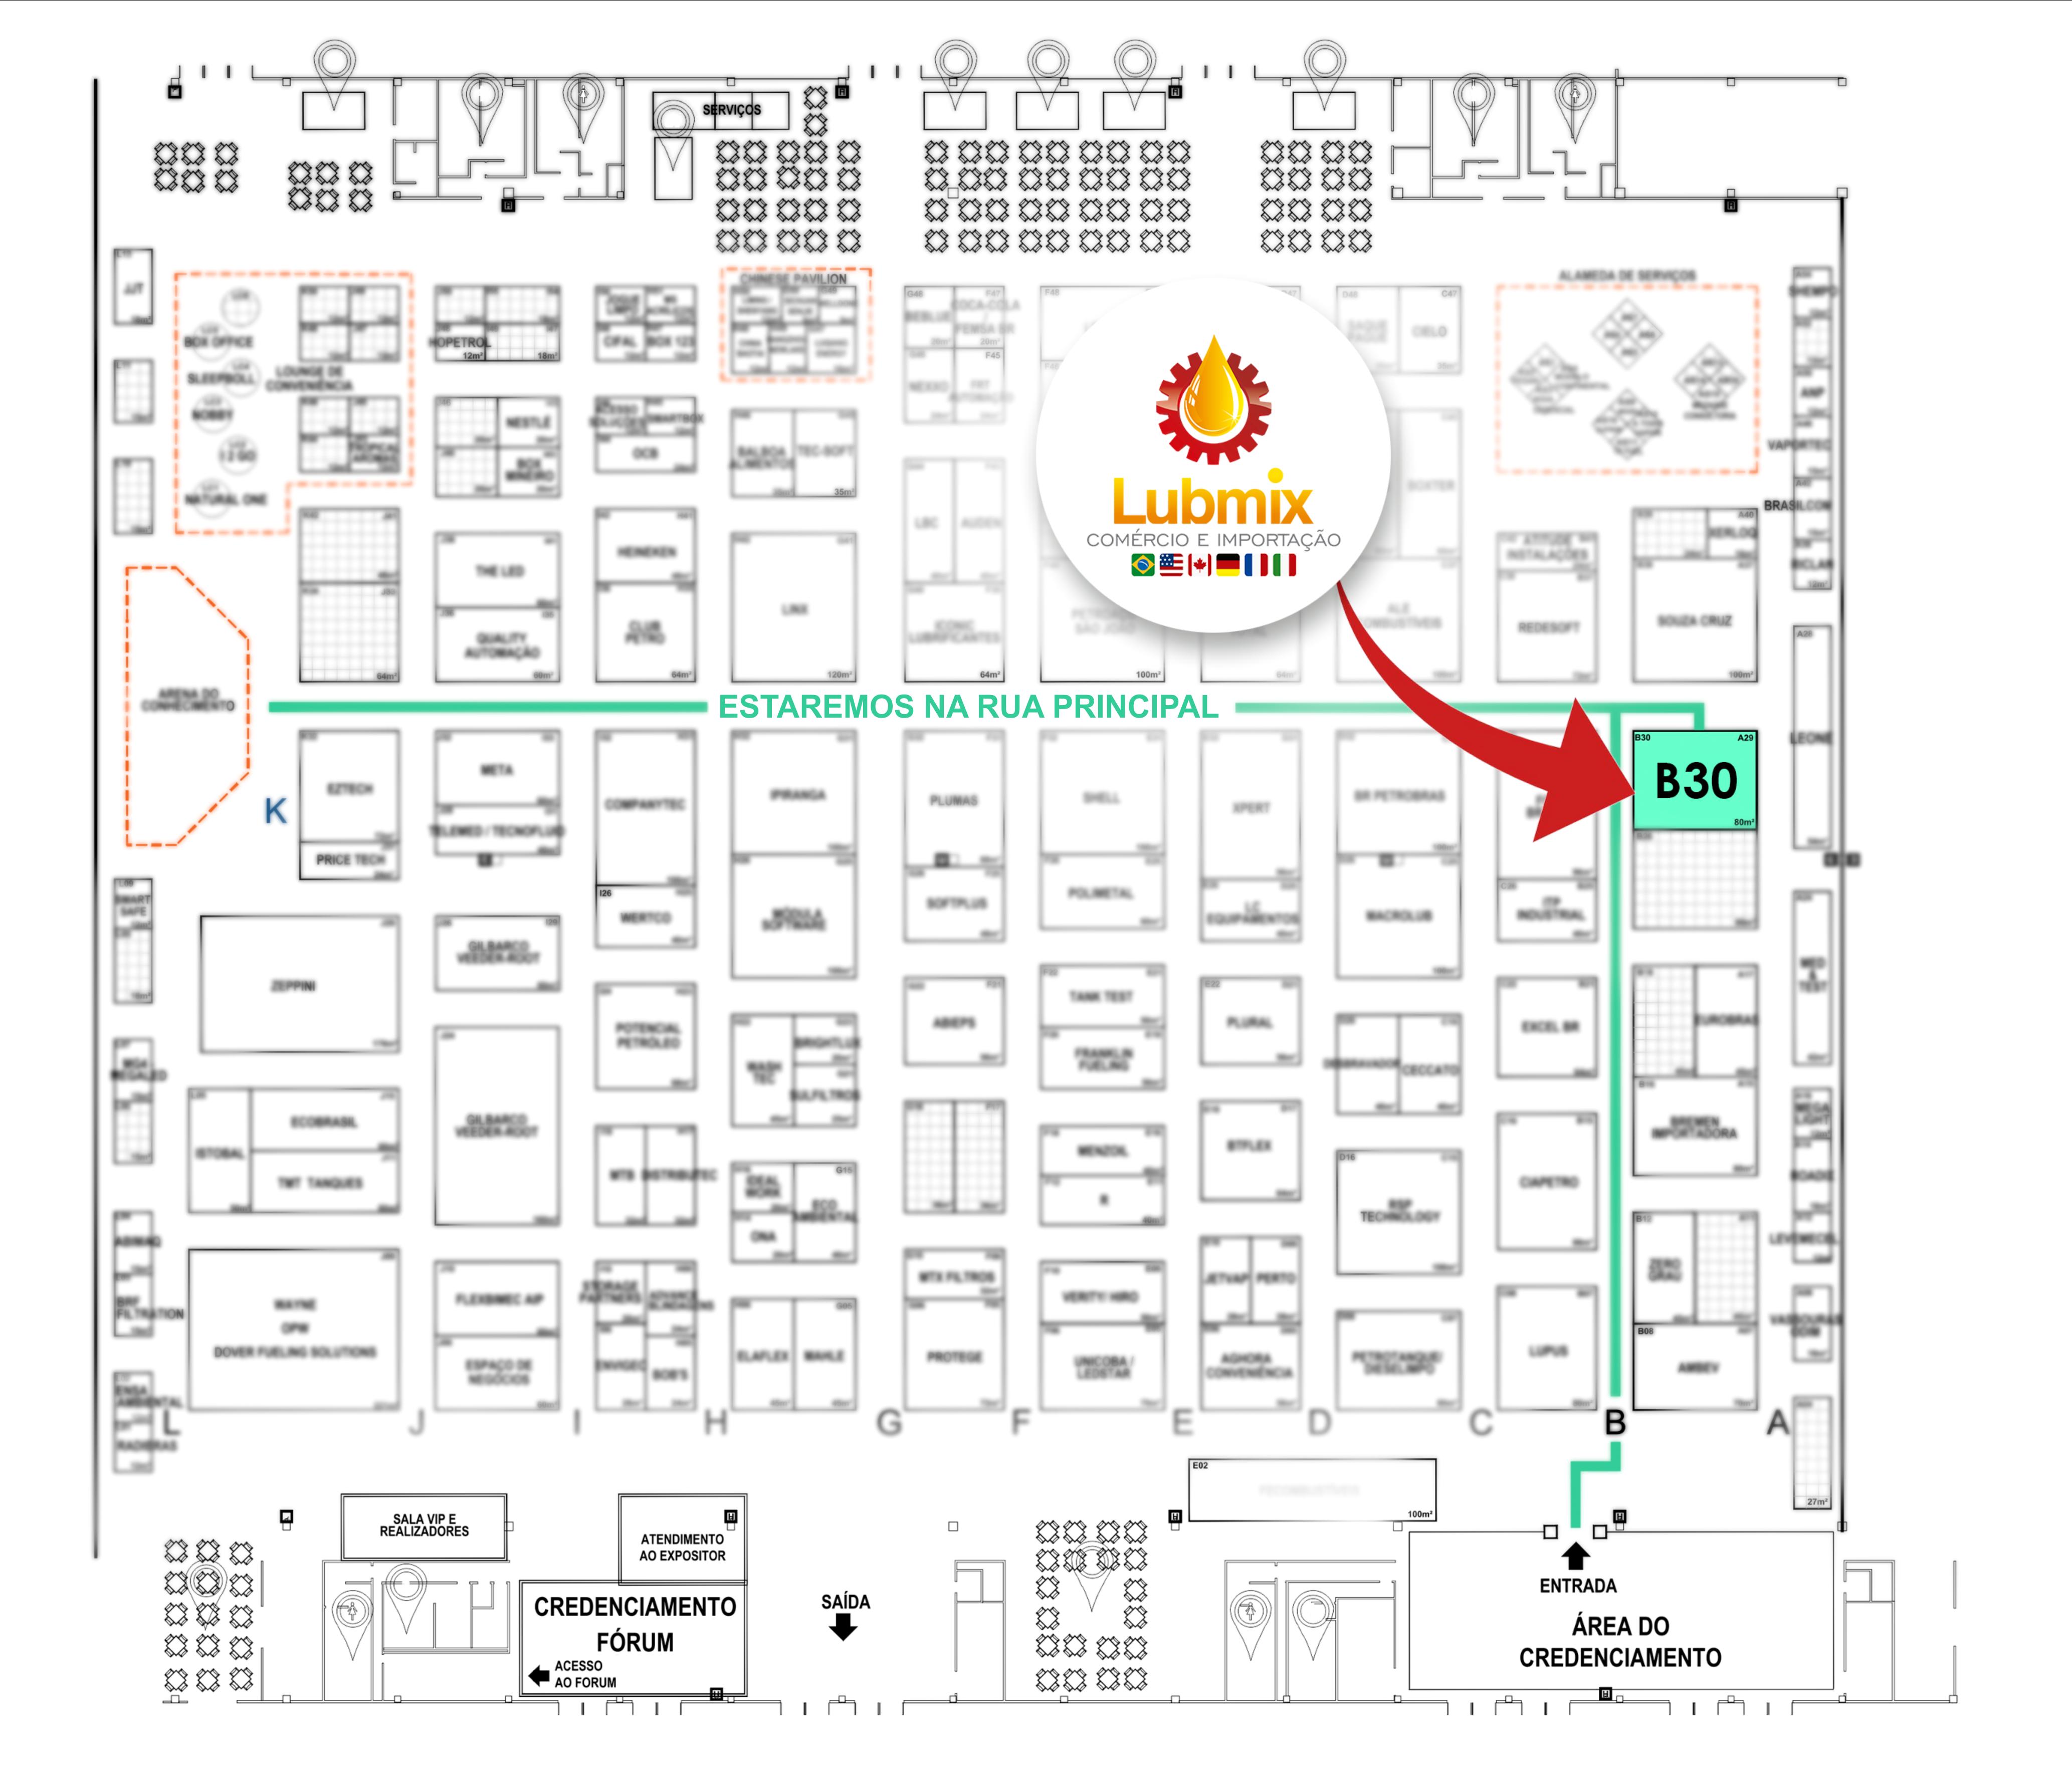 Mapa Expopostos 2019 - Lubmix - B30